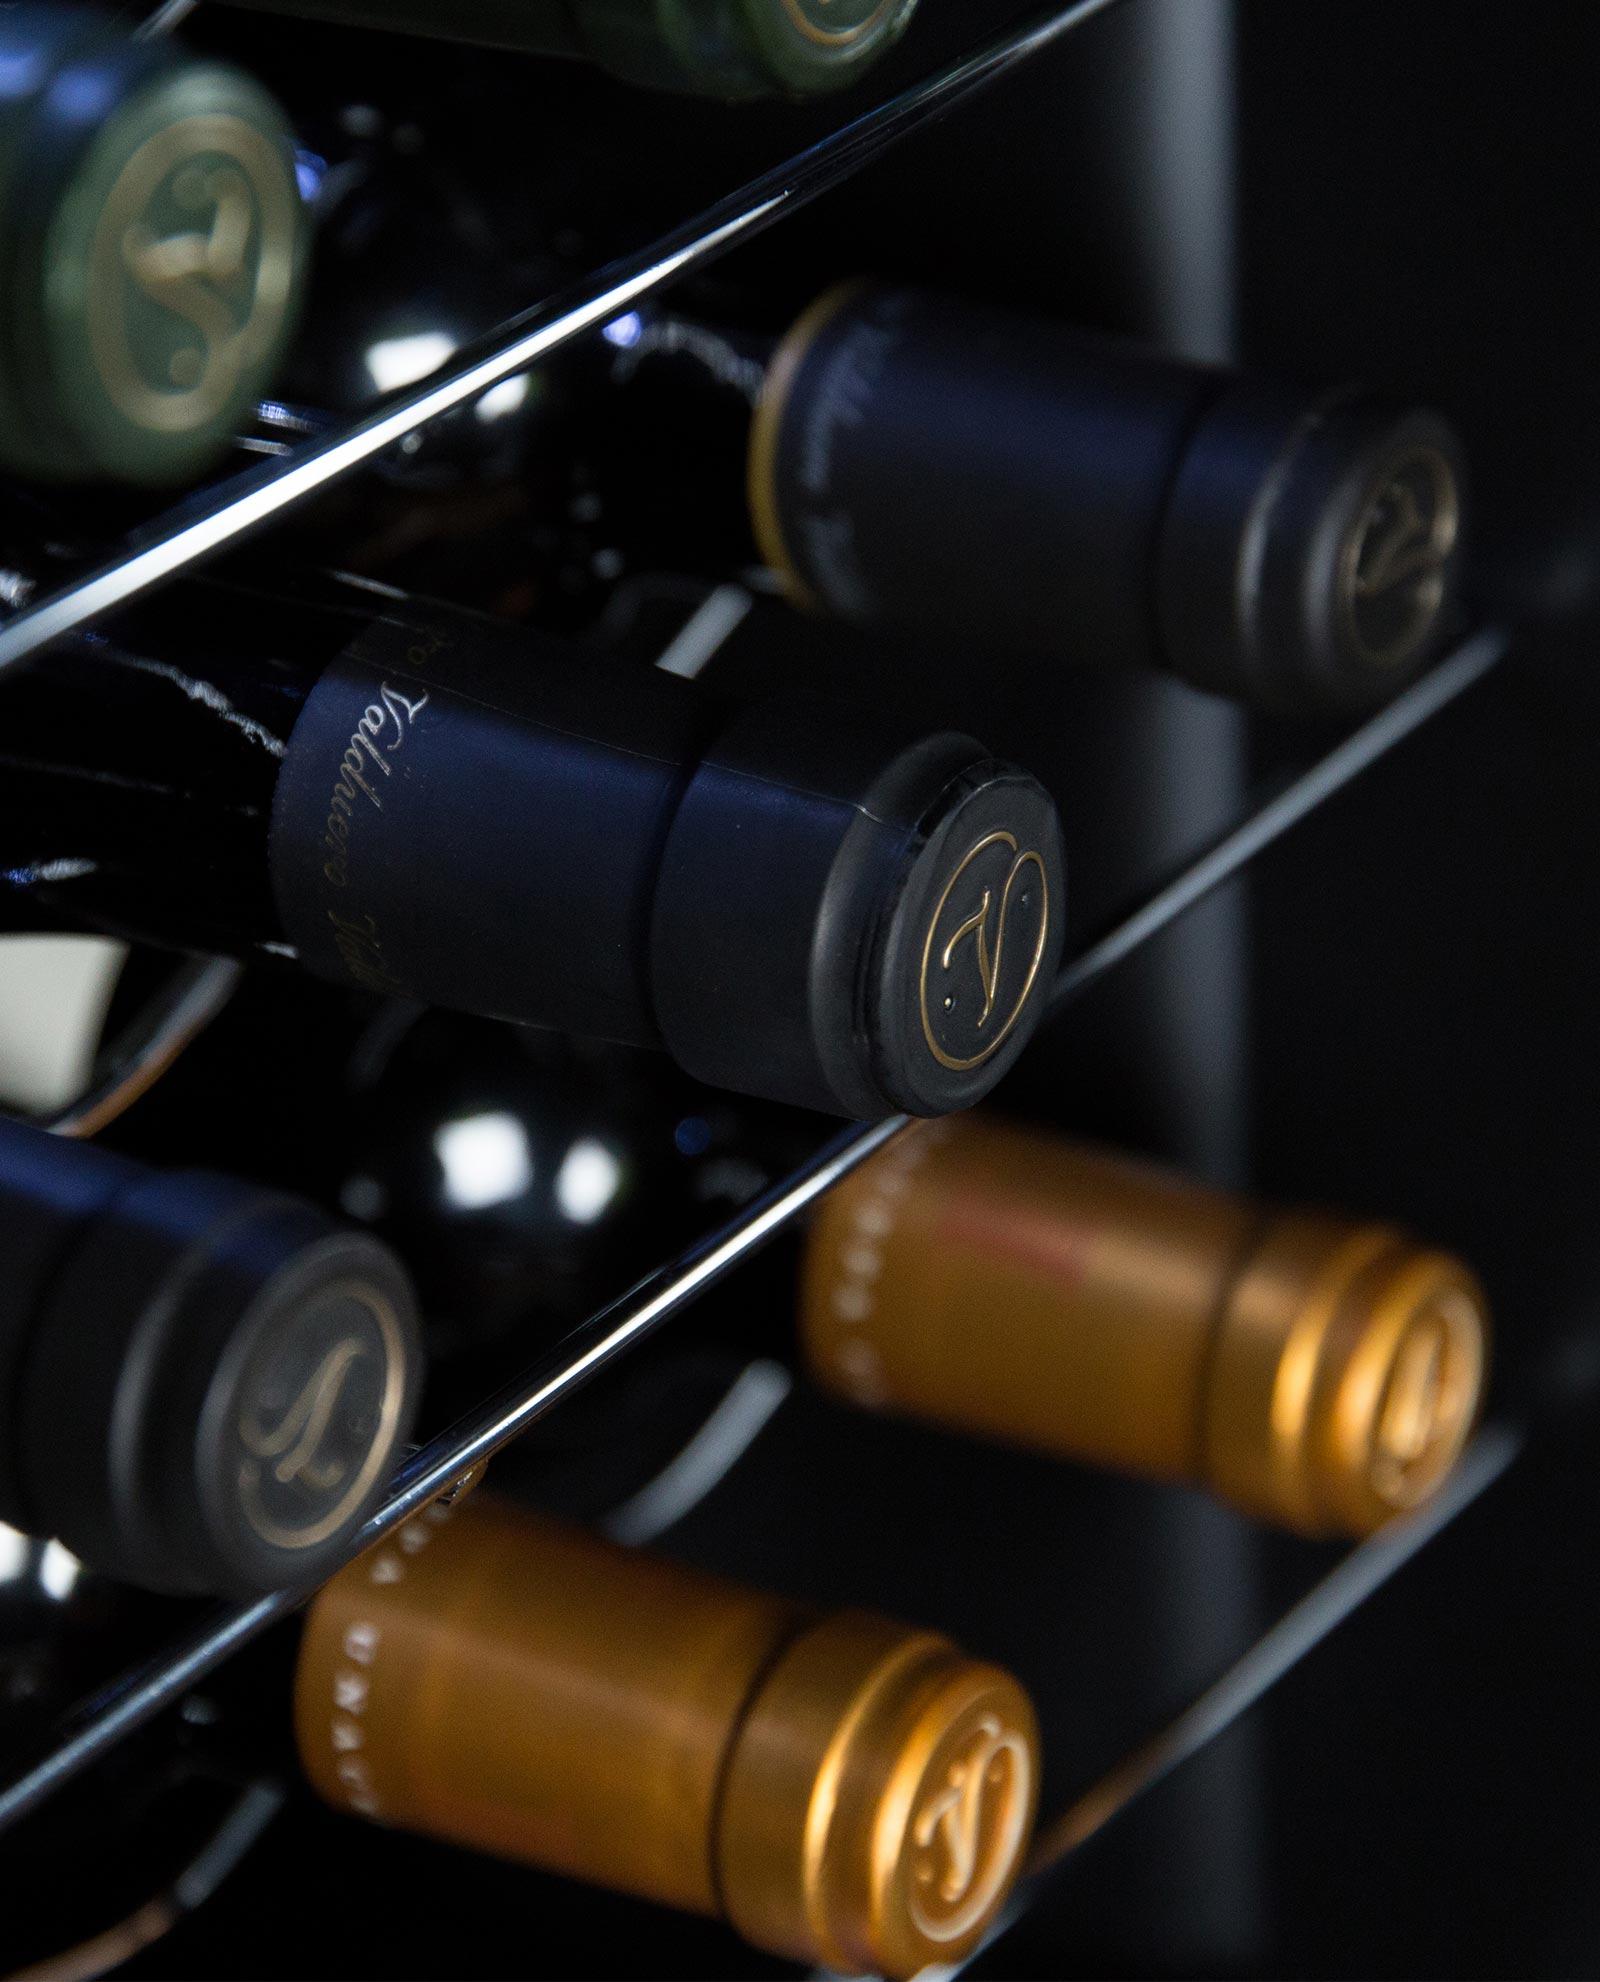 Cápsulas de los vinos de Bodegas Valduero, vinos de la Ribera del Duero